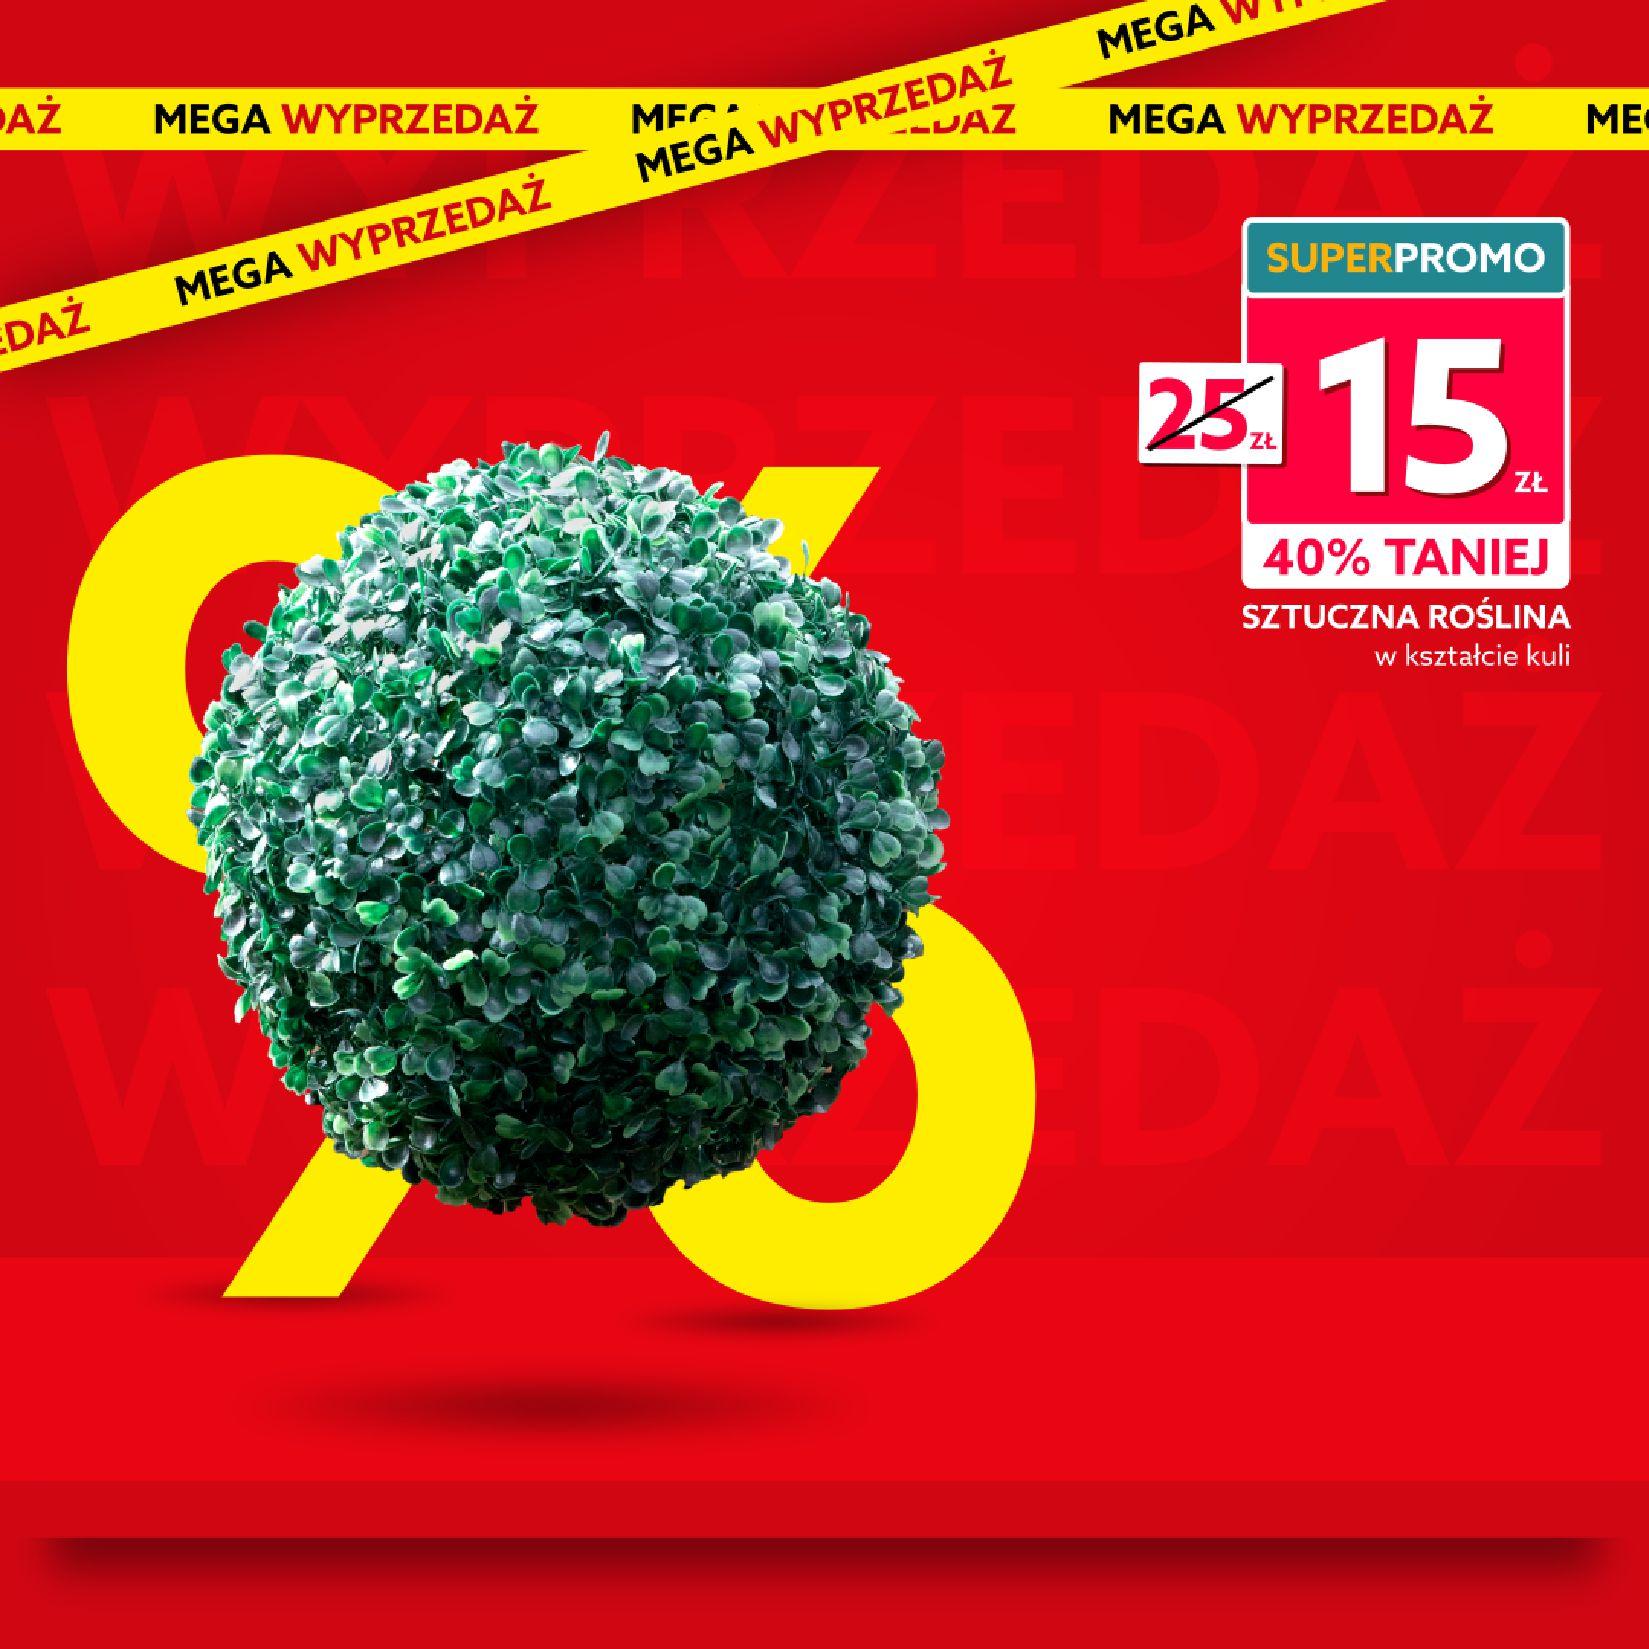 Gazetka Dealz : Gazetka Dealz - Mega wyprzedaż 2021-07-22 page-9